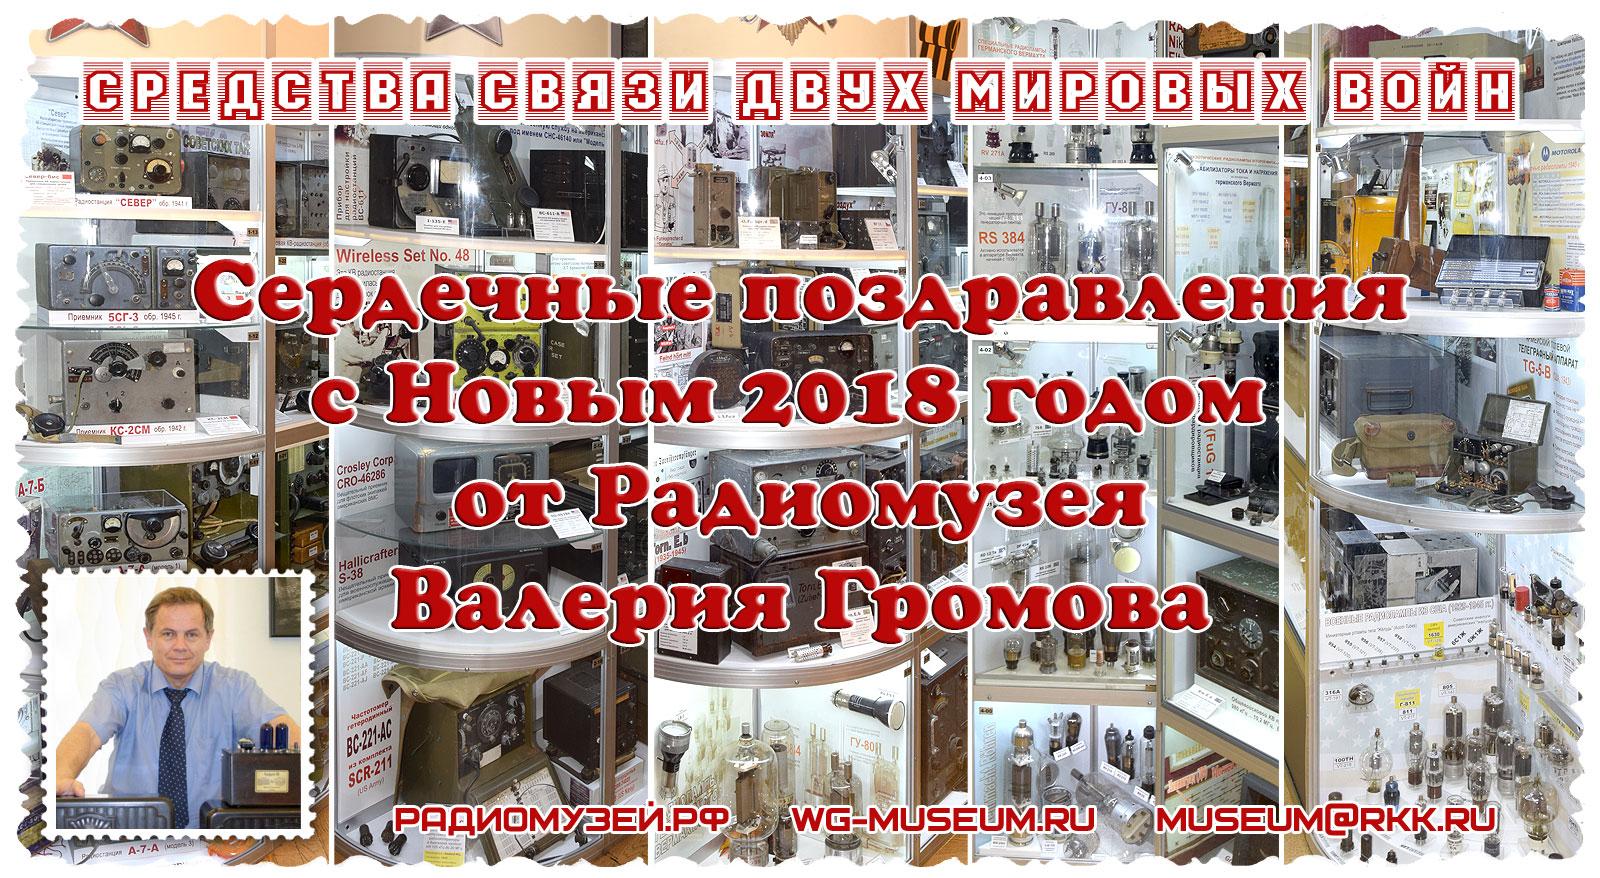 Нажмите на изображение для увеличения.  Название:Card_2018_ru.jpg Просмотров:69 Размер:538.0 Кб ID:202927